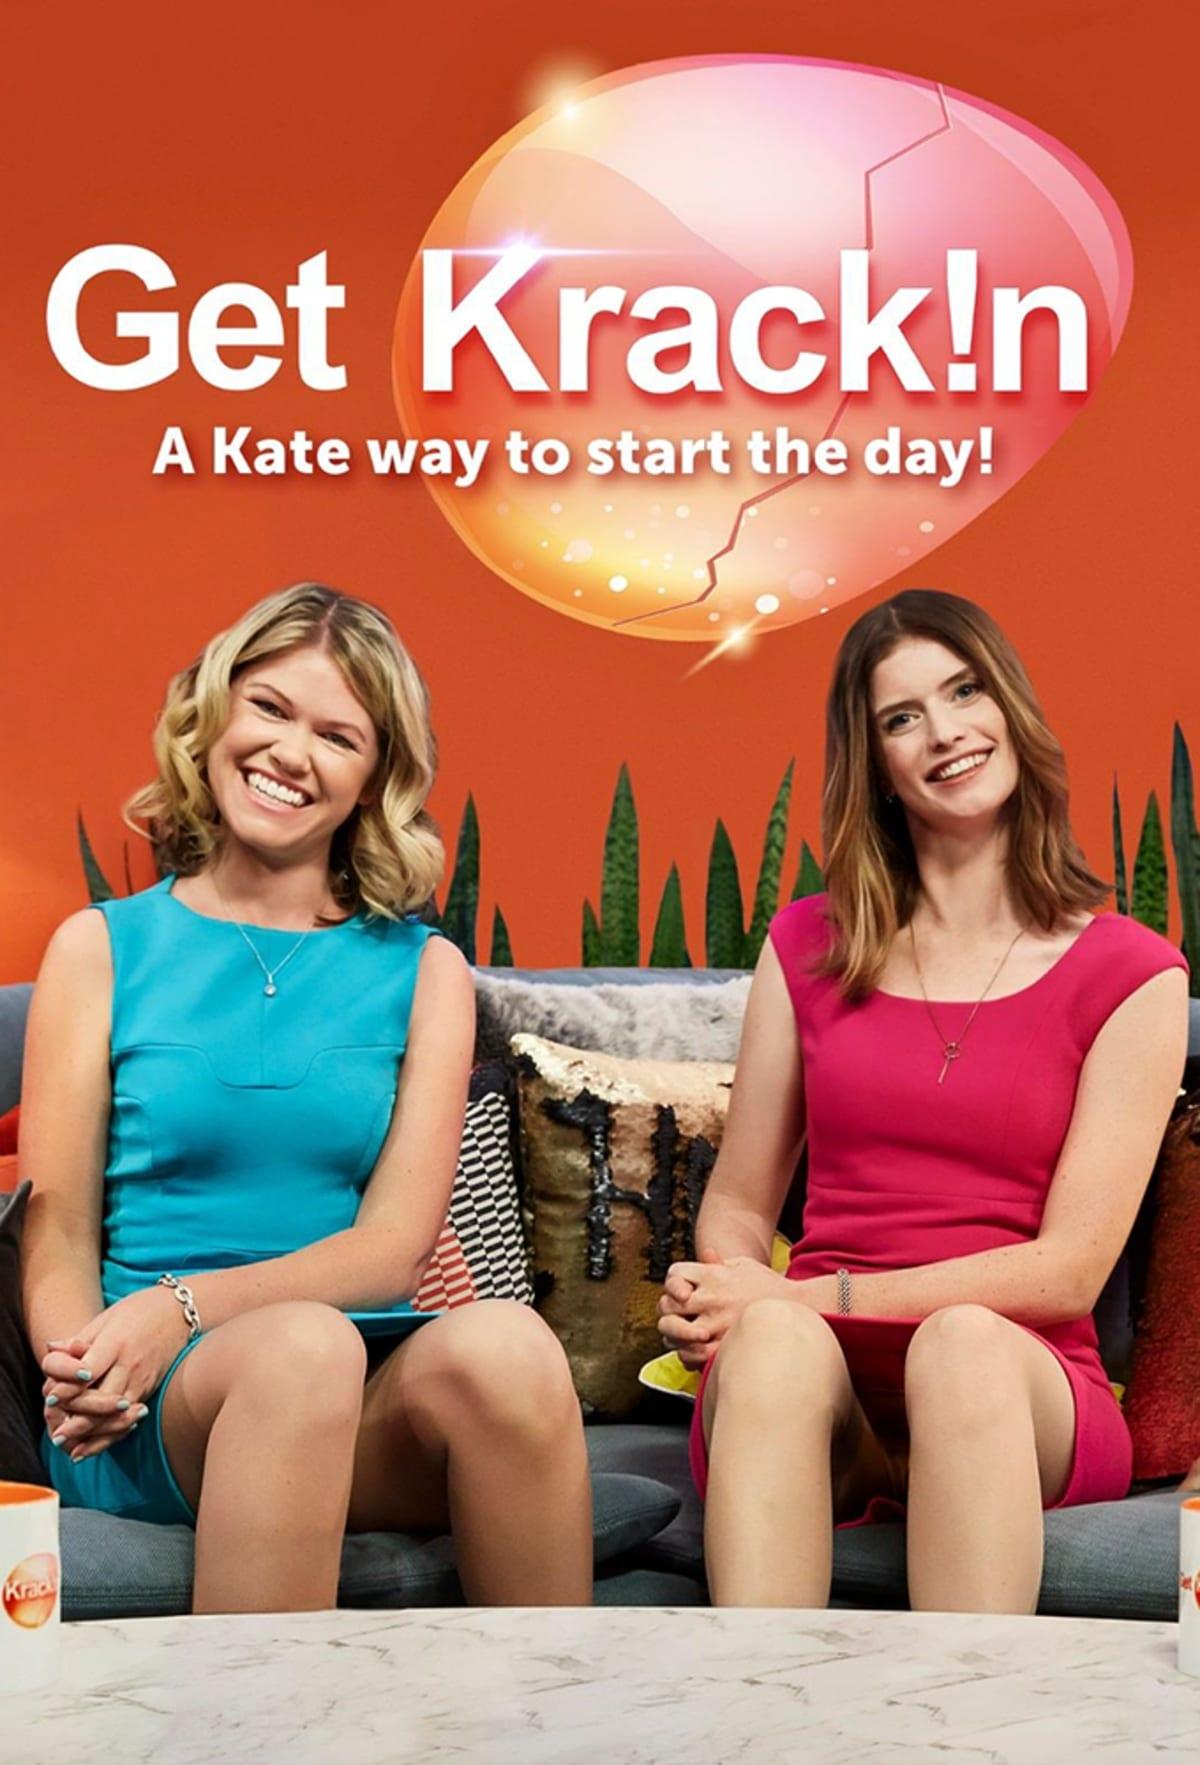 Get Krack!n TV Shows About Satire